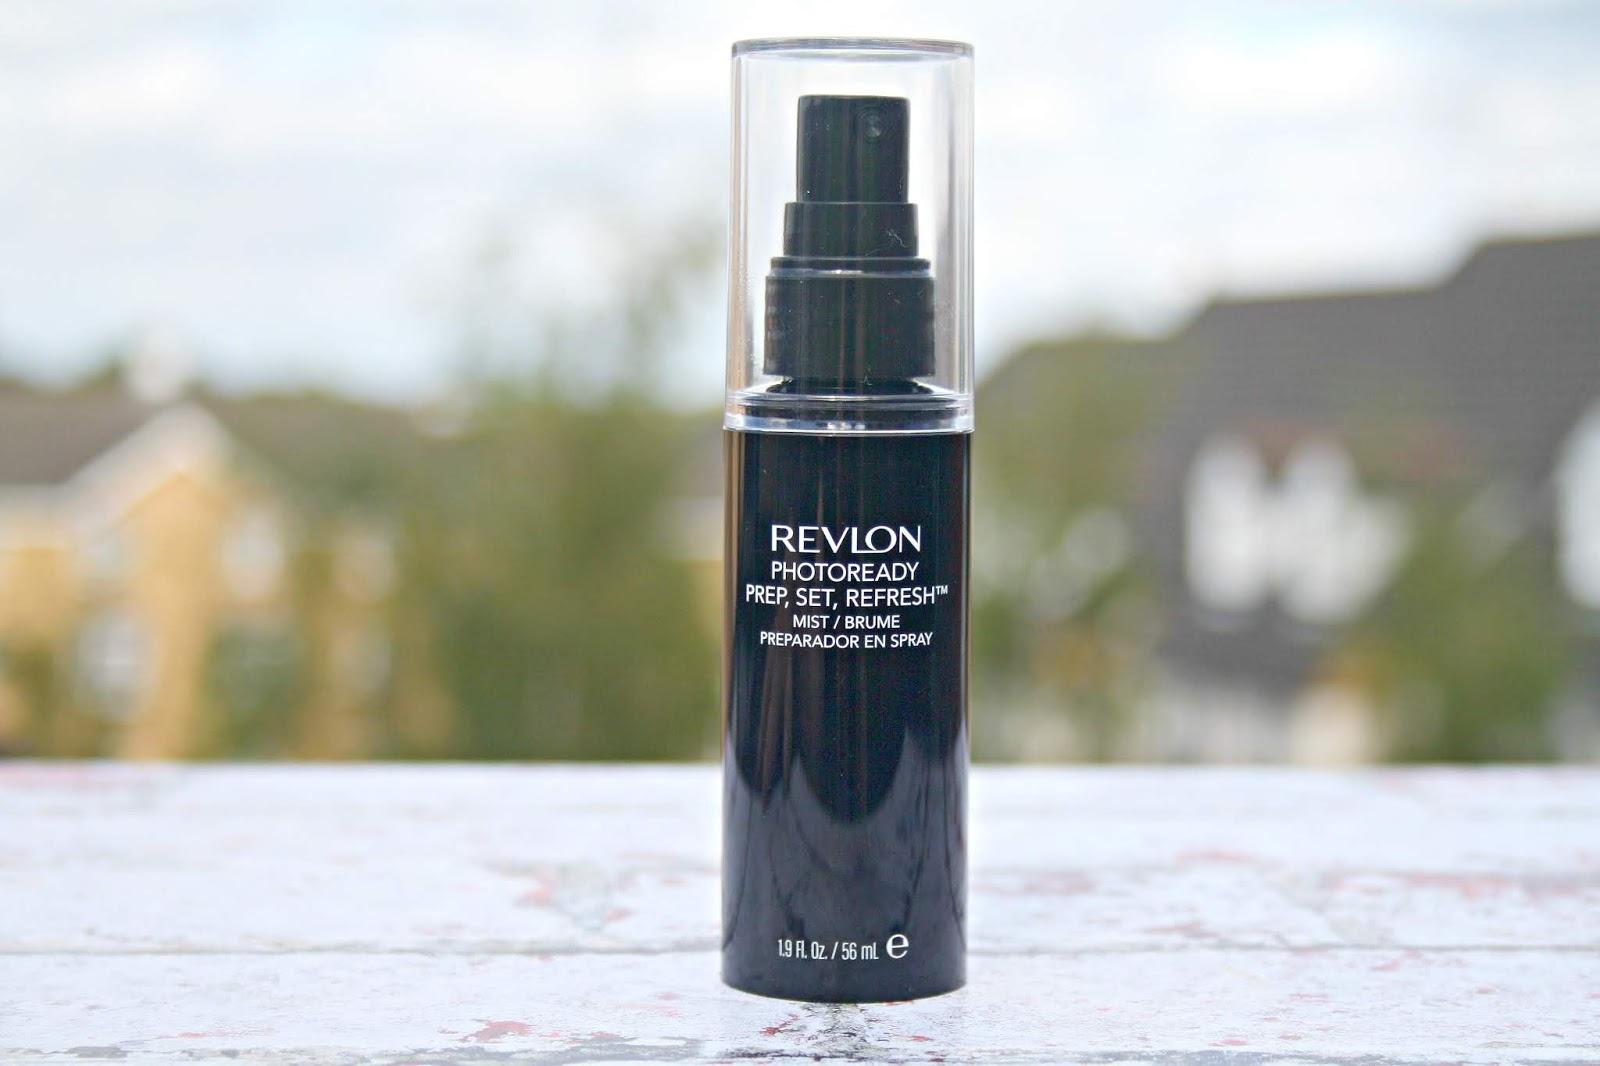 PhotoReady Prep, Set, Refresh Mist by Revlon #15